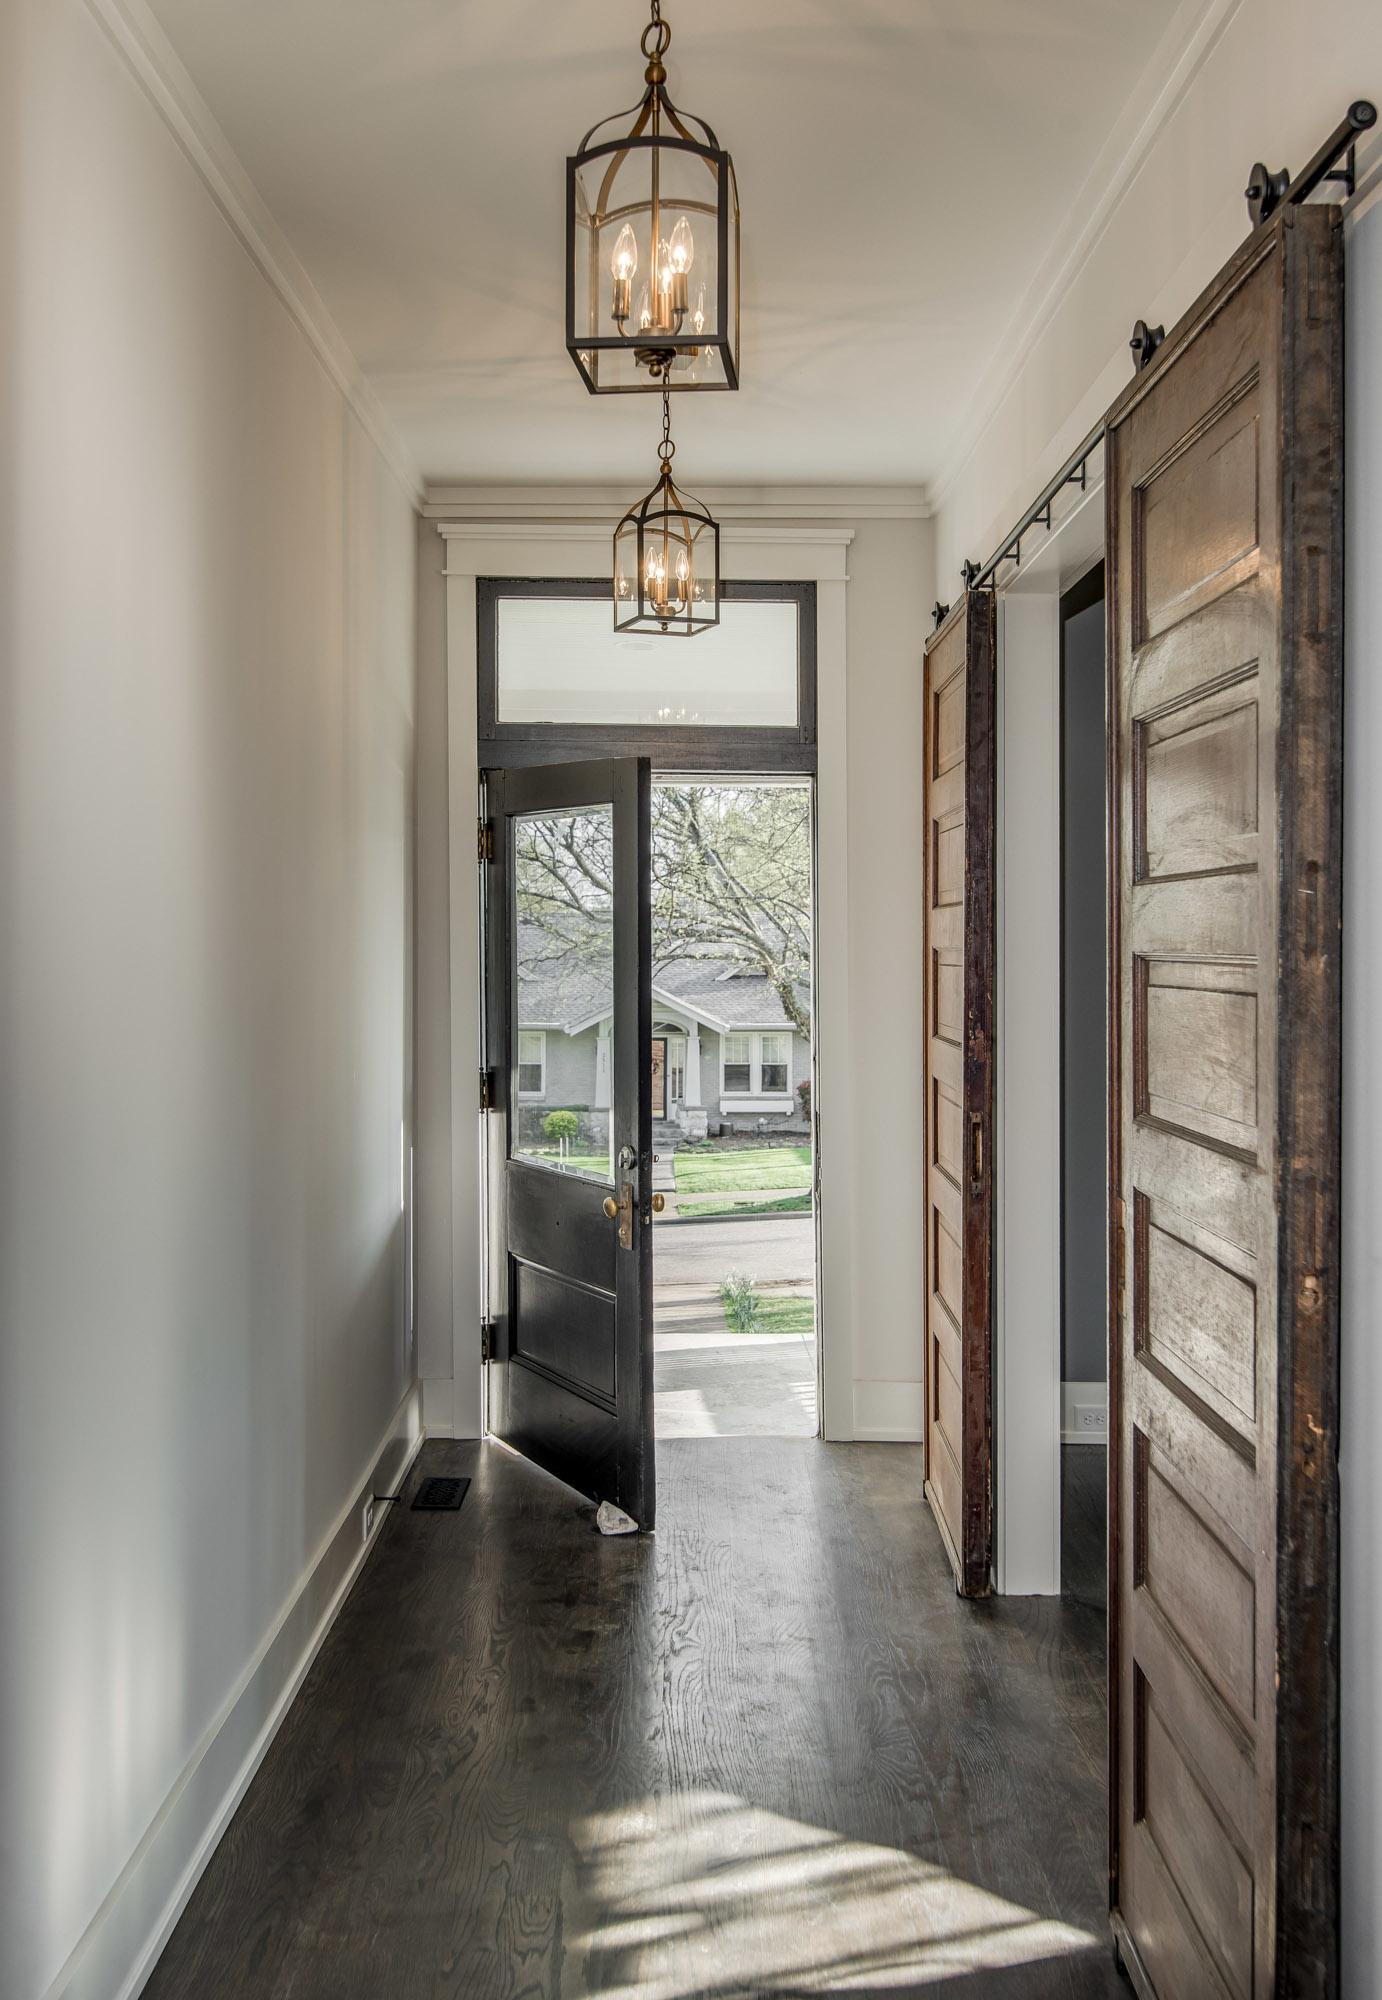 nashville-home-remodel-renovation-custom-home-tennessee-britt-development-group-1007.jpg